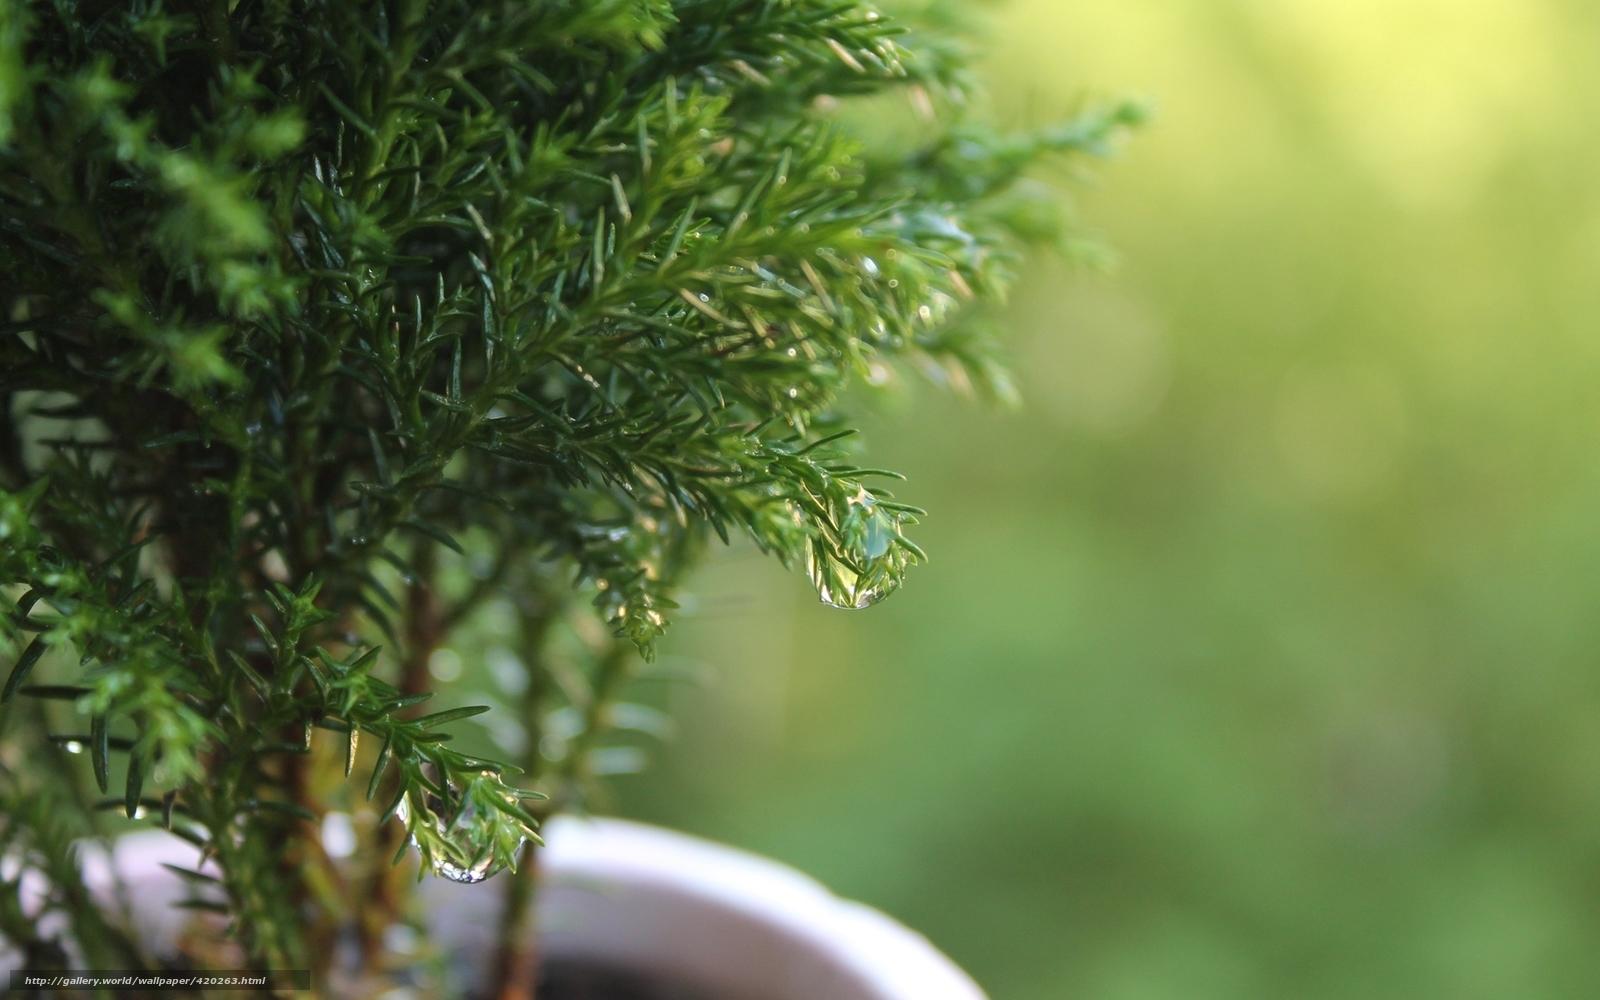 Скачать обои макро,  деревце,  растение,  капли бесплатно для рабочего стола в разрешении 1680x1050 — картинка №420263